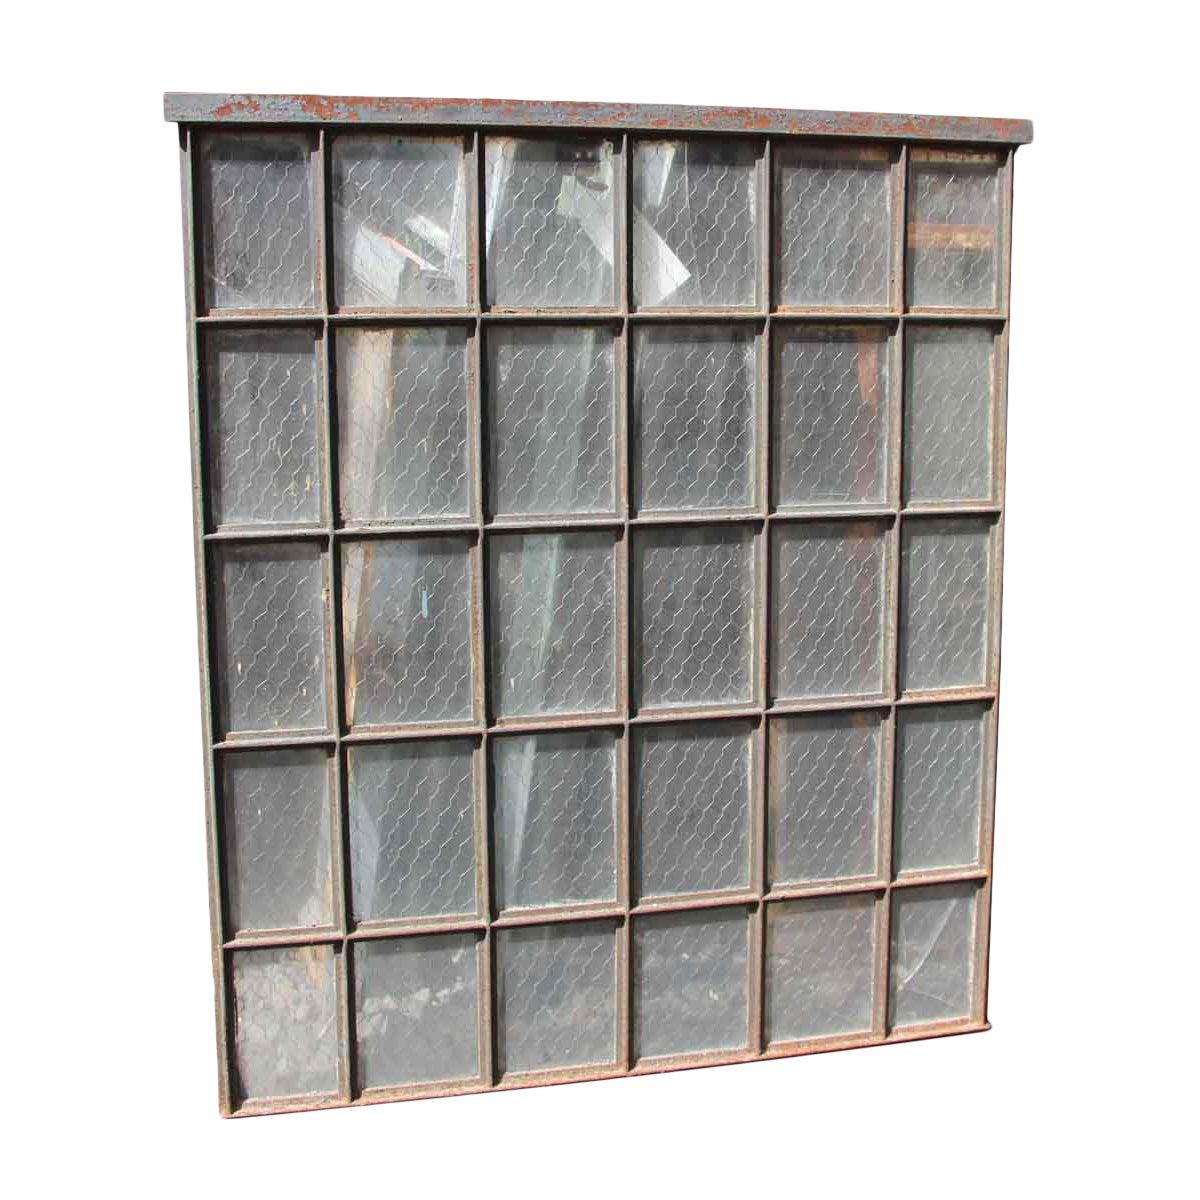 30 Pane Steel Frame Chicken Wire Glass Window | Chairish